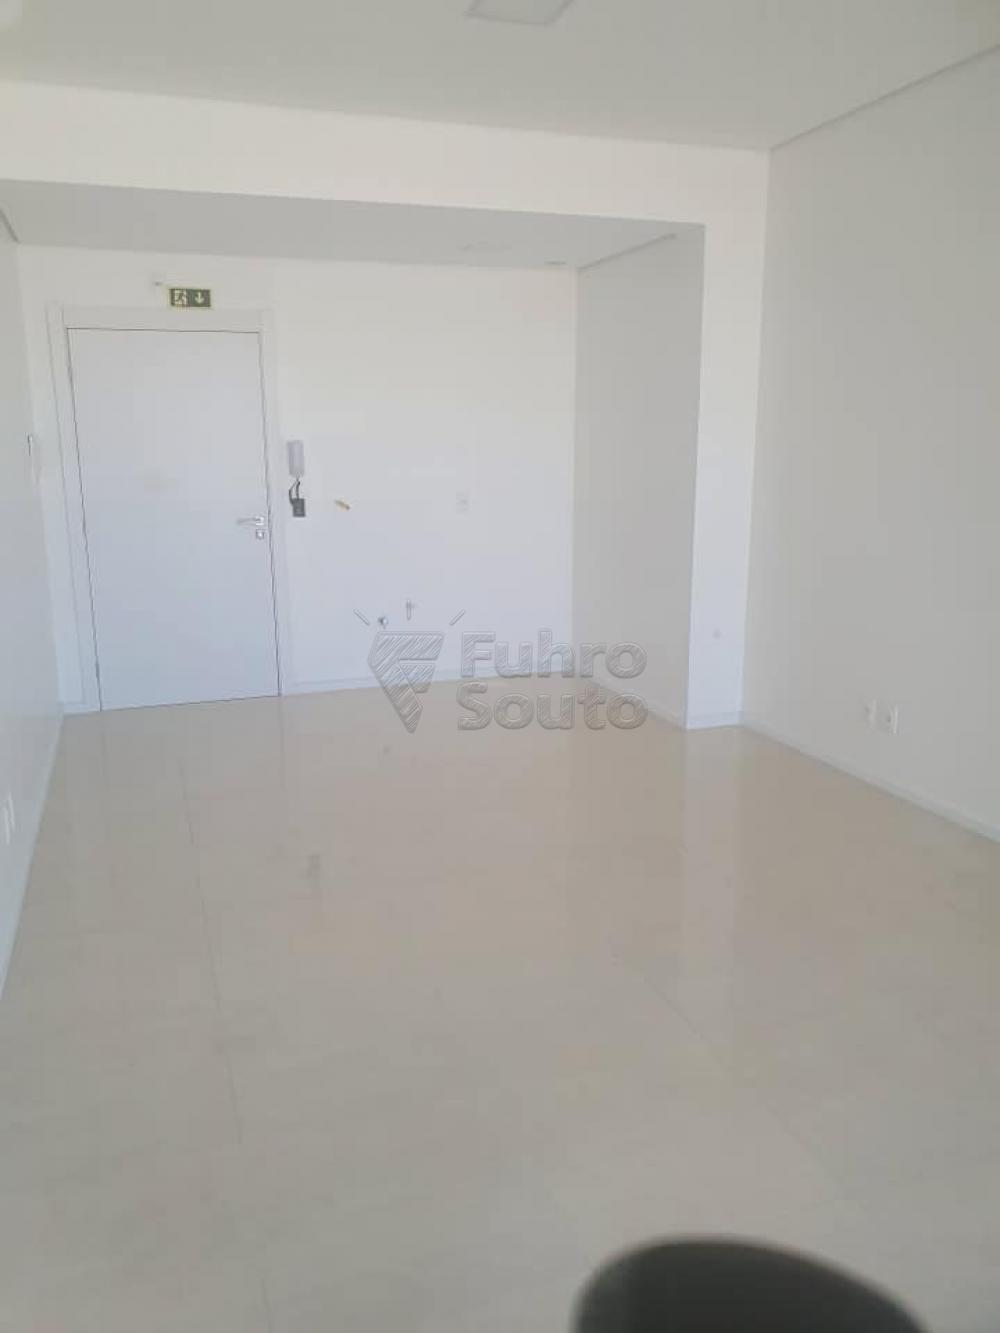 Alugar Comercial / Sala em Condomínio em Pelotas R$ 1.600,00 - Foto 3